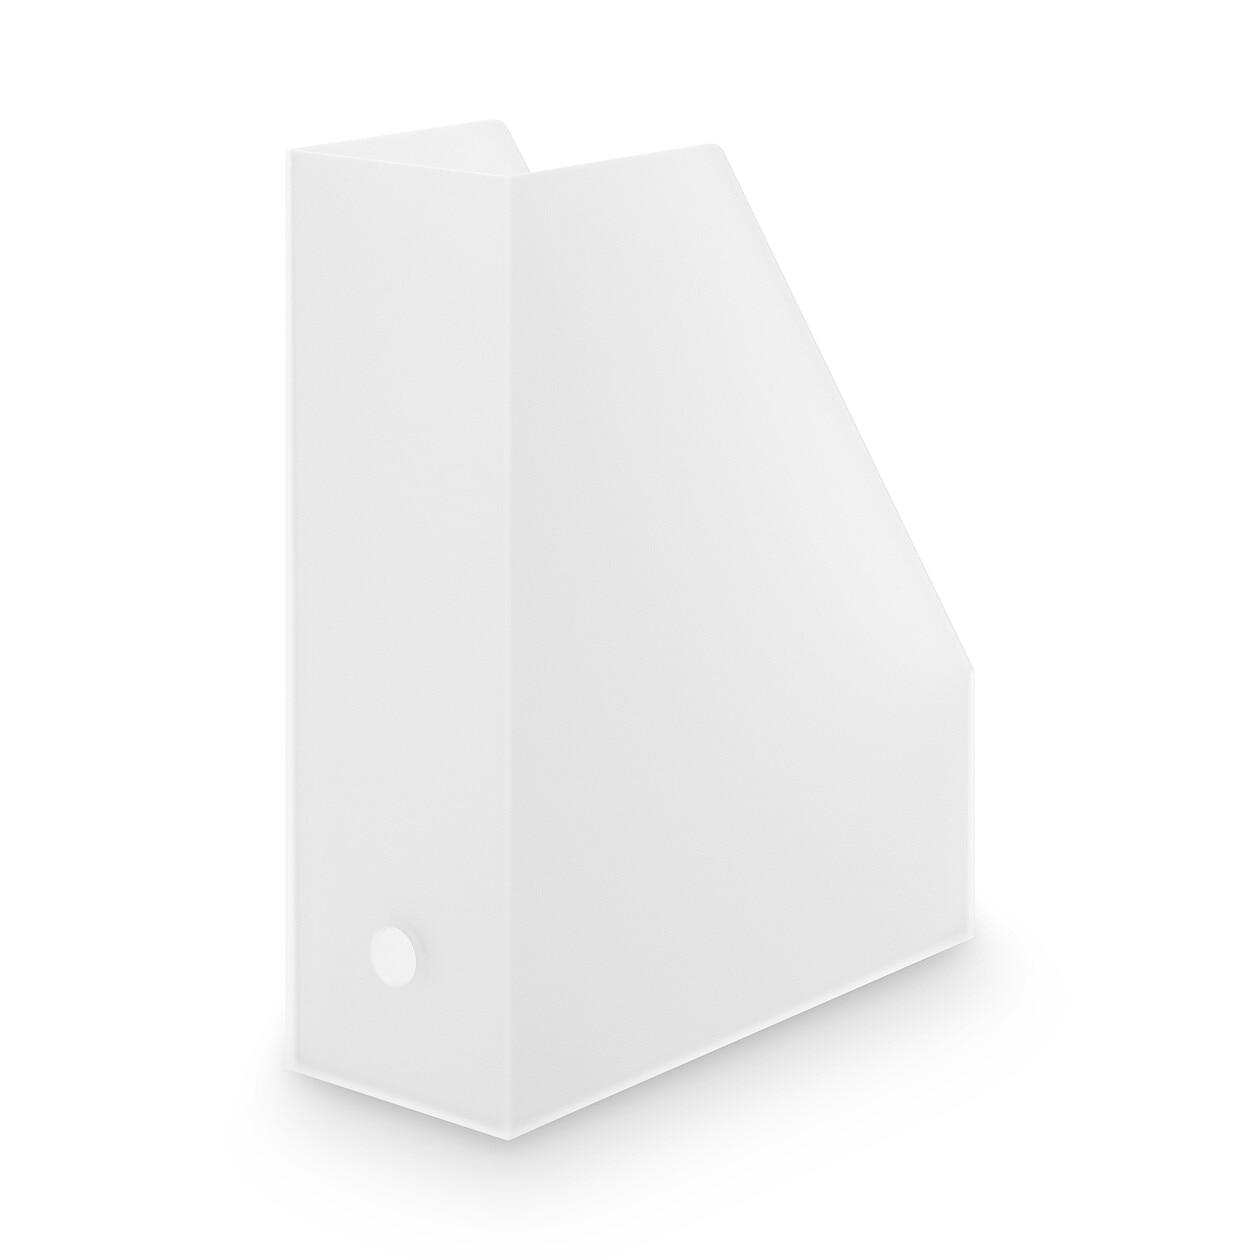 ポリプロピレンスタンドファイルボックス・A4用